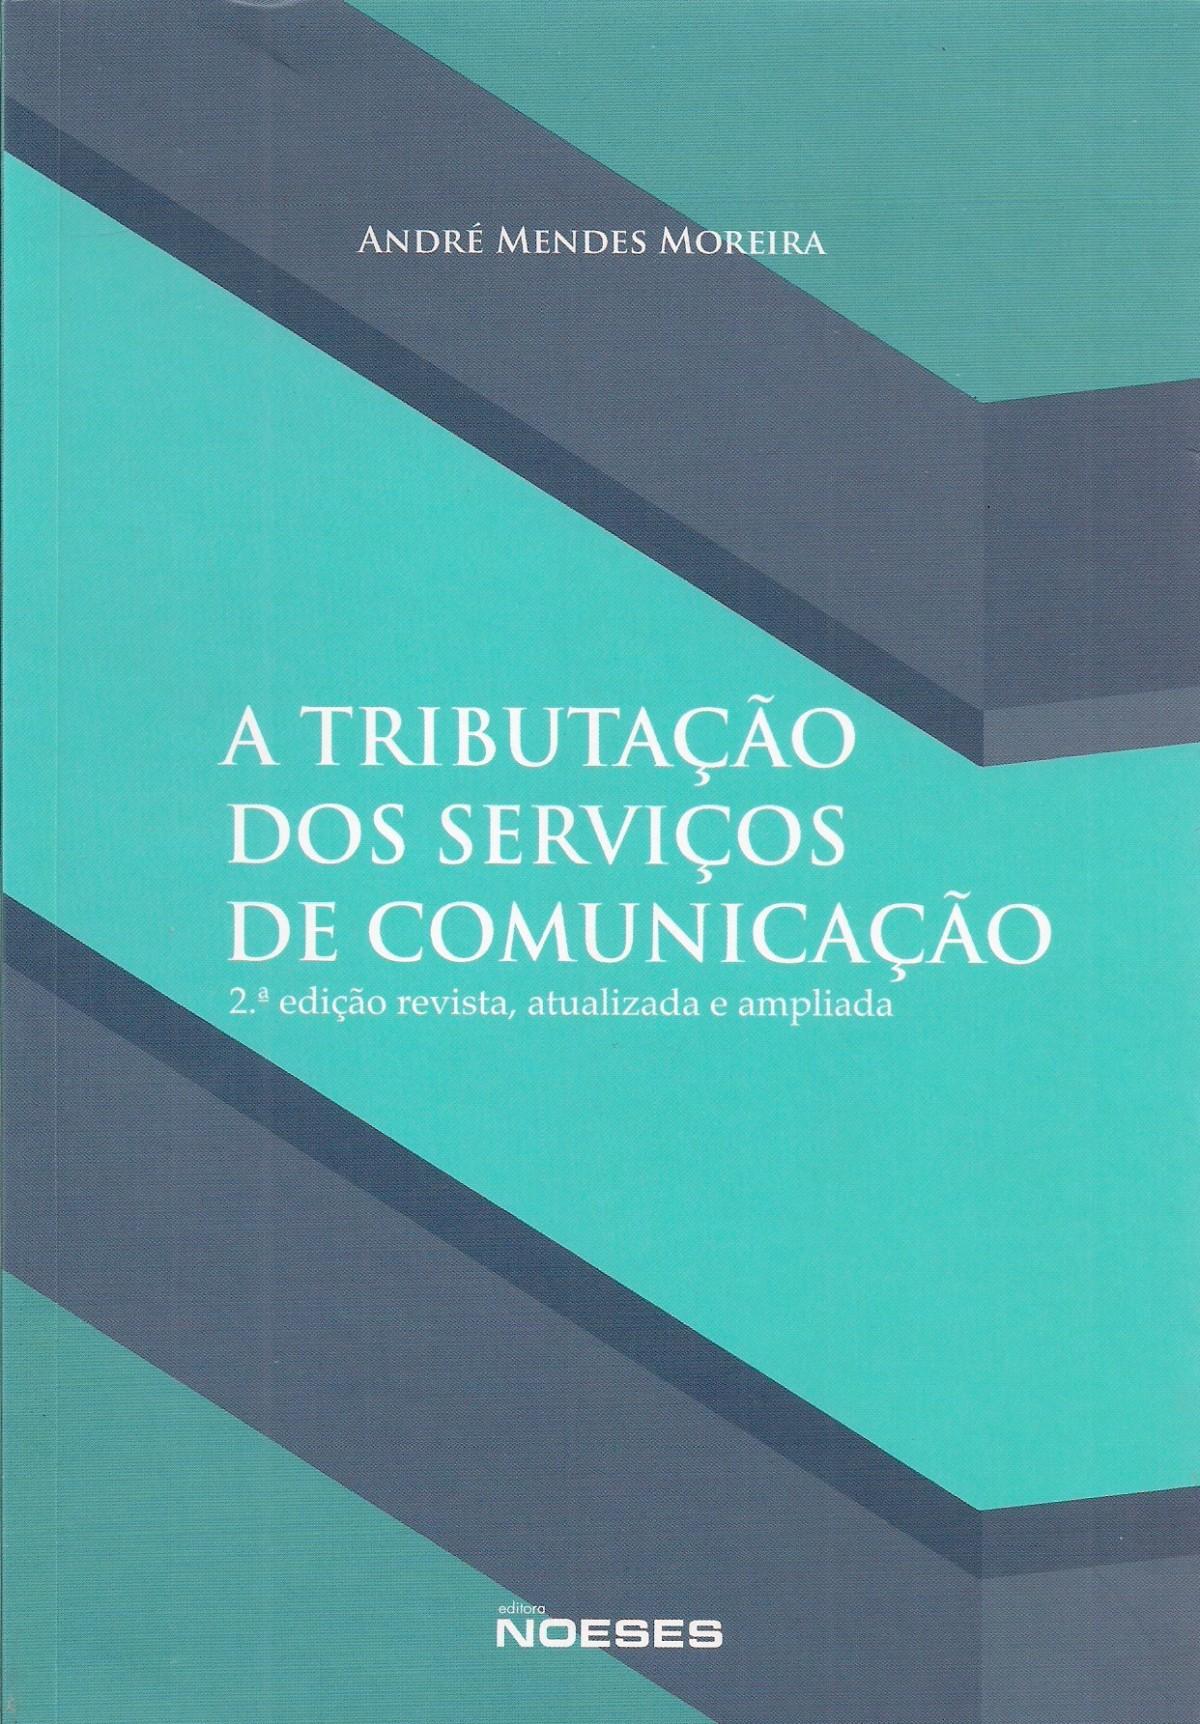 Foto 1 - A Tributação dos Serviços de Comunicação